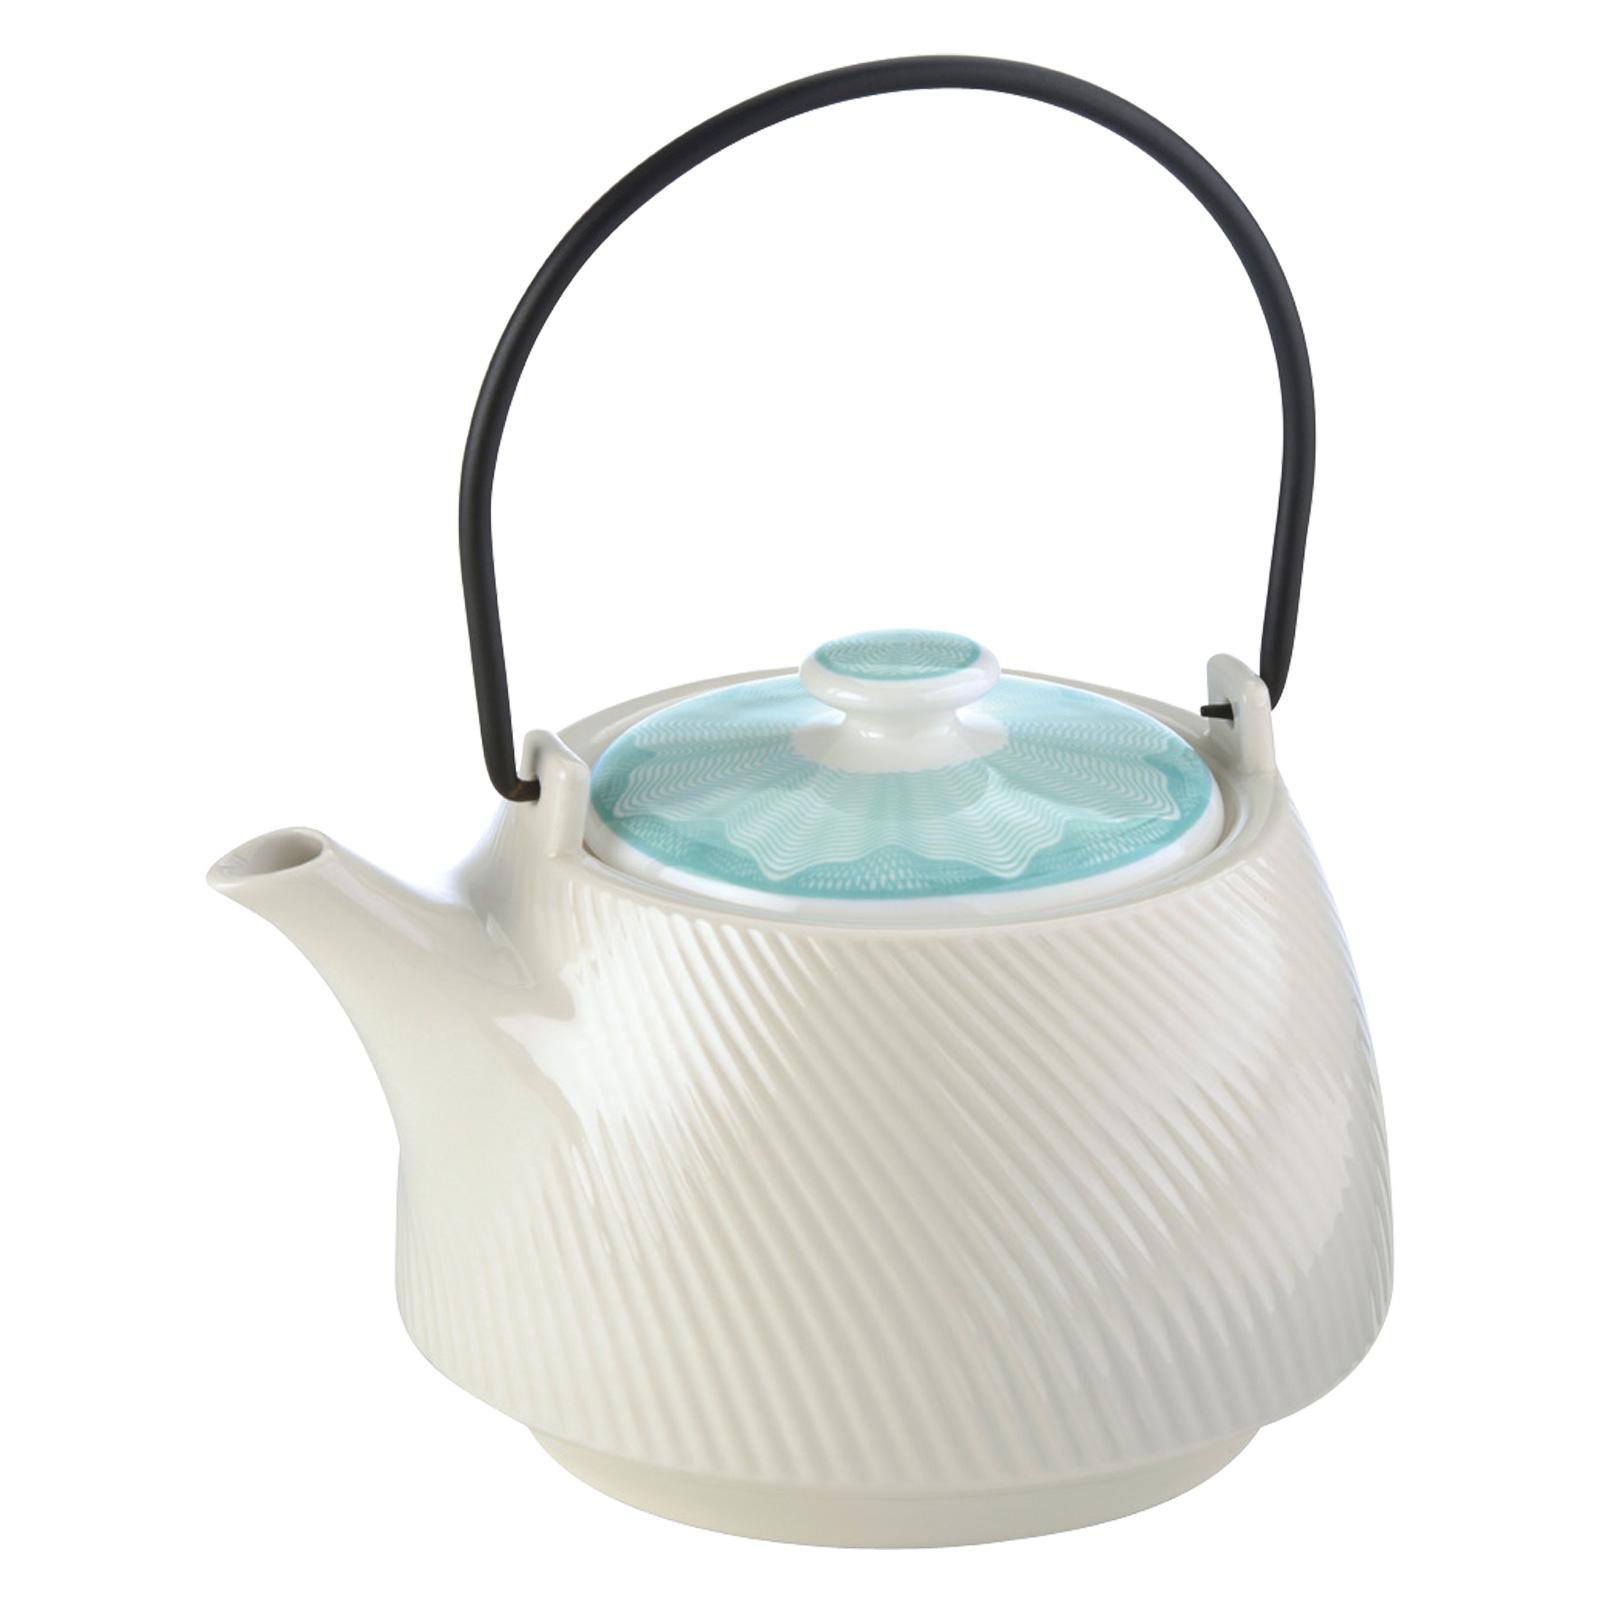 Spyro Teapot Blue by BIA